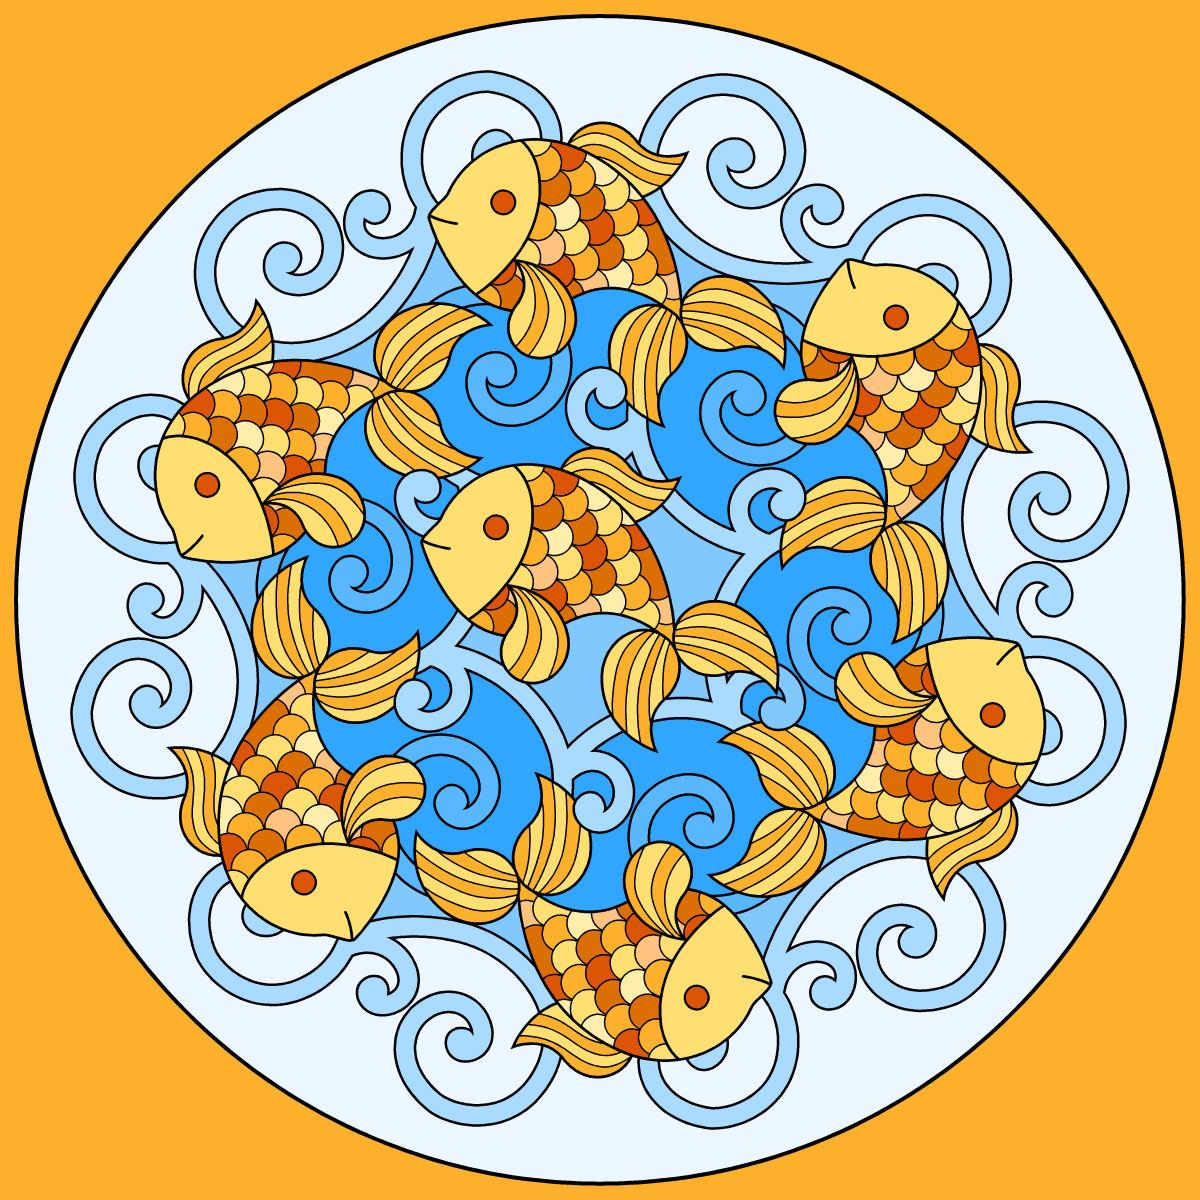 Mandala colorier et imprimer - Telecharger tfou gratuitement ...